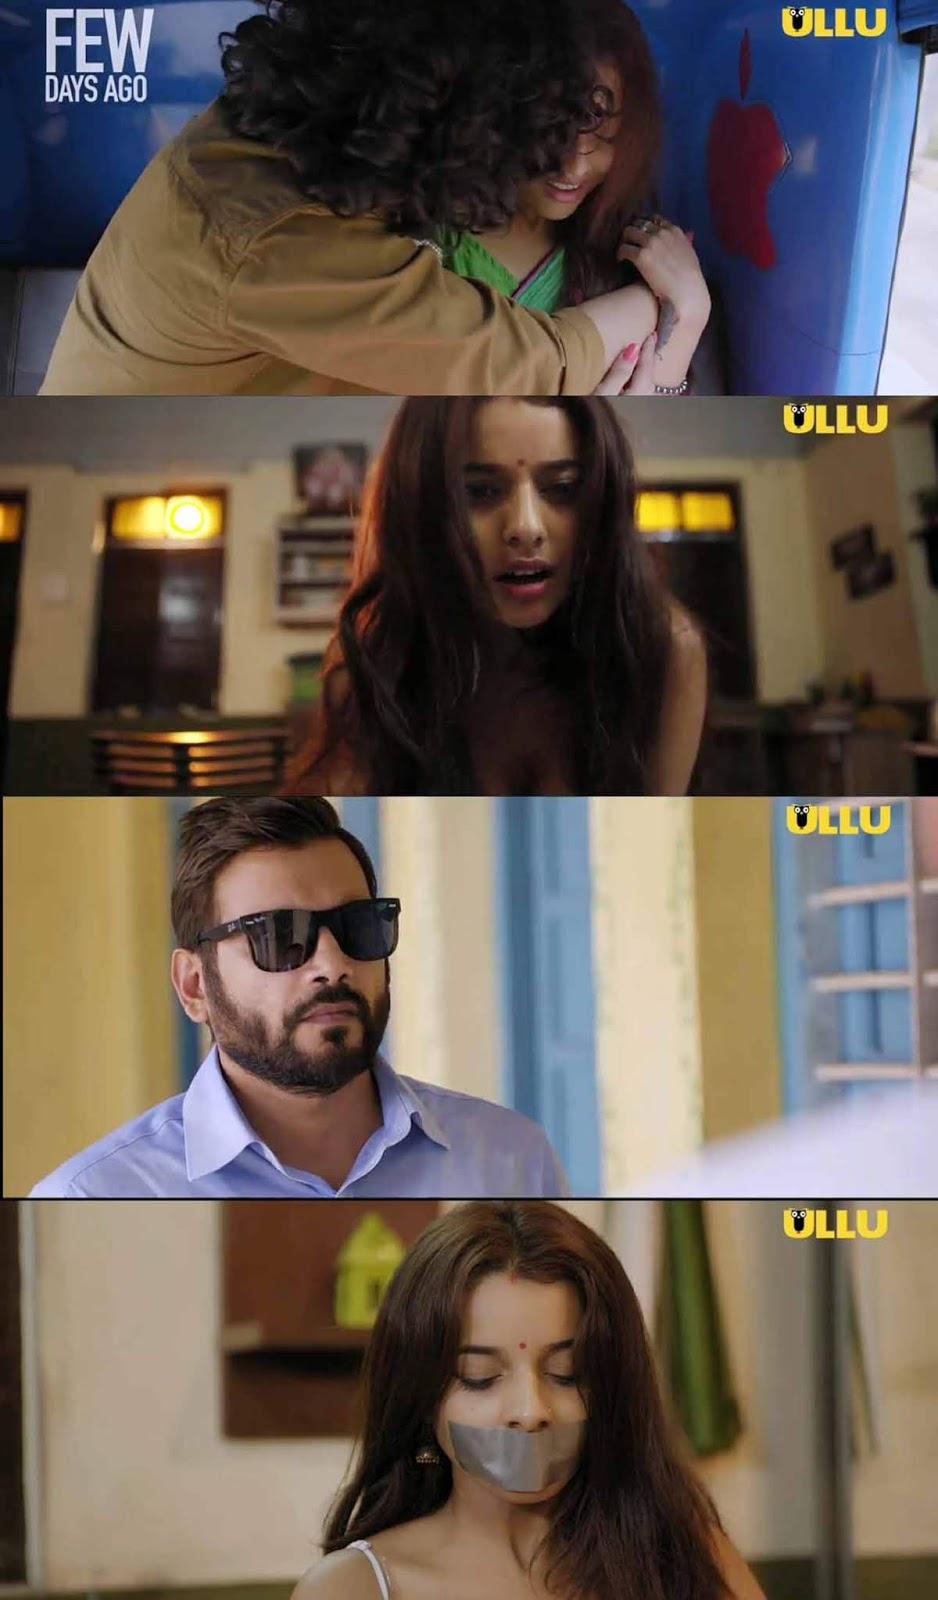 [18+] Ghapa Ghap Ullu Originals Hindi Short Film 1080p WEB-DL 480MB Desirehub